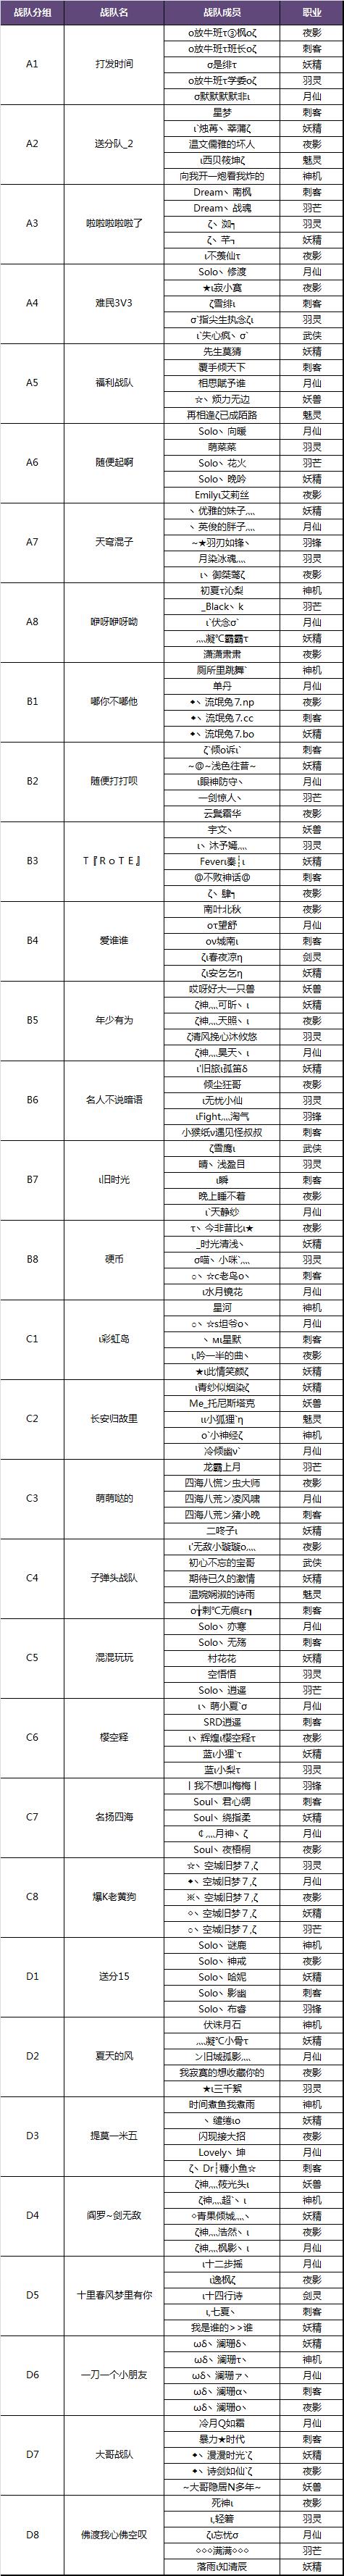 图片: 名单.png